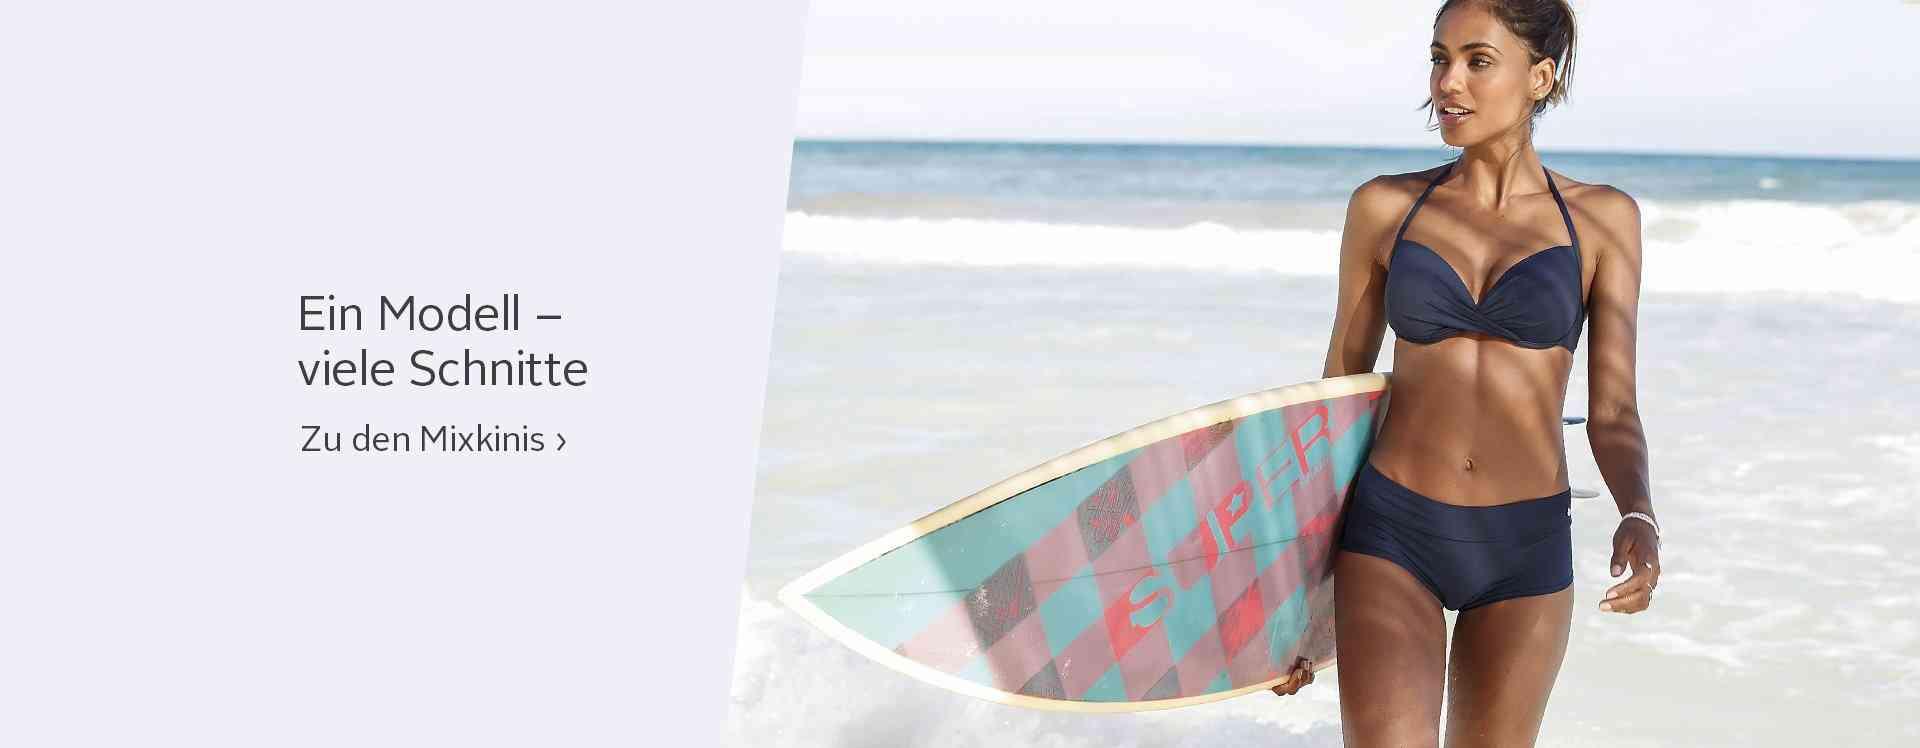 Als Bikini-Top, als Tankini-Top, mit Mustern oder dezent uni, Höschen mit Bindebändern oder ohne: Mixen Sie sich Ihren Traum-Bikini und wählen Sie zwischen vielen Looks, Farben und Designs.